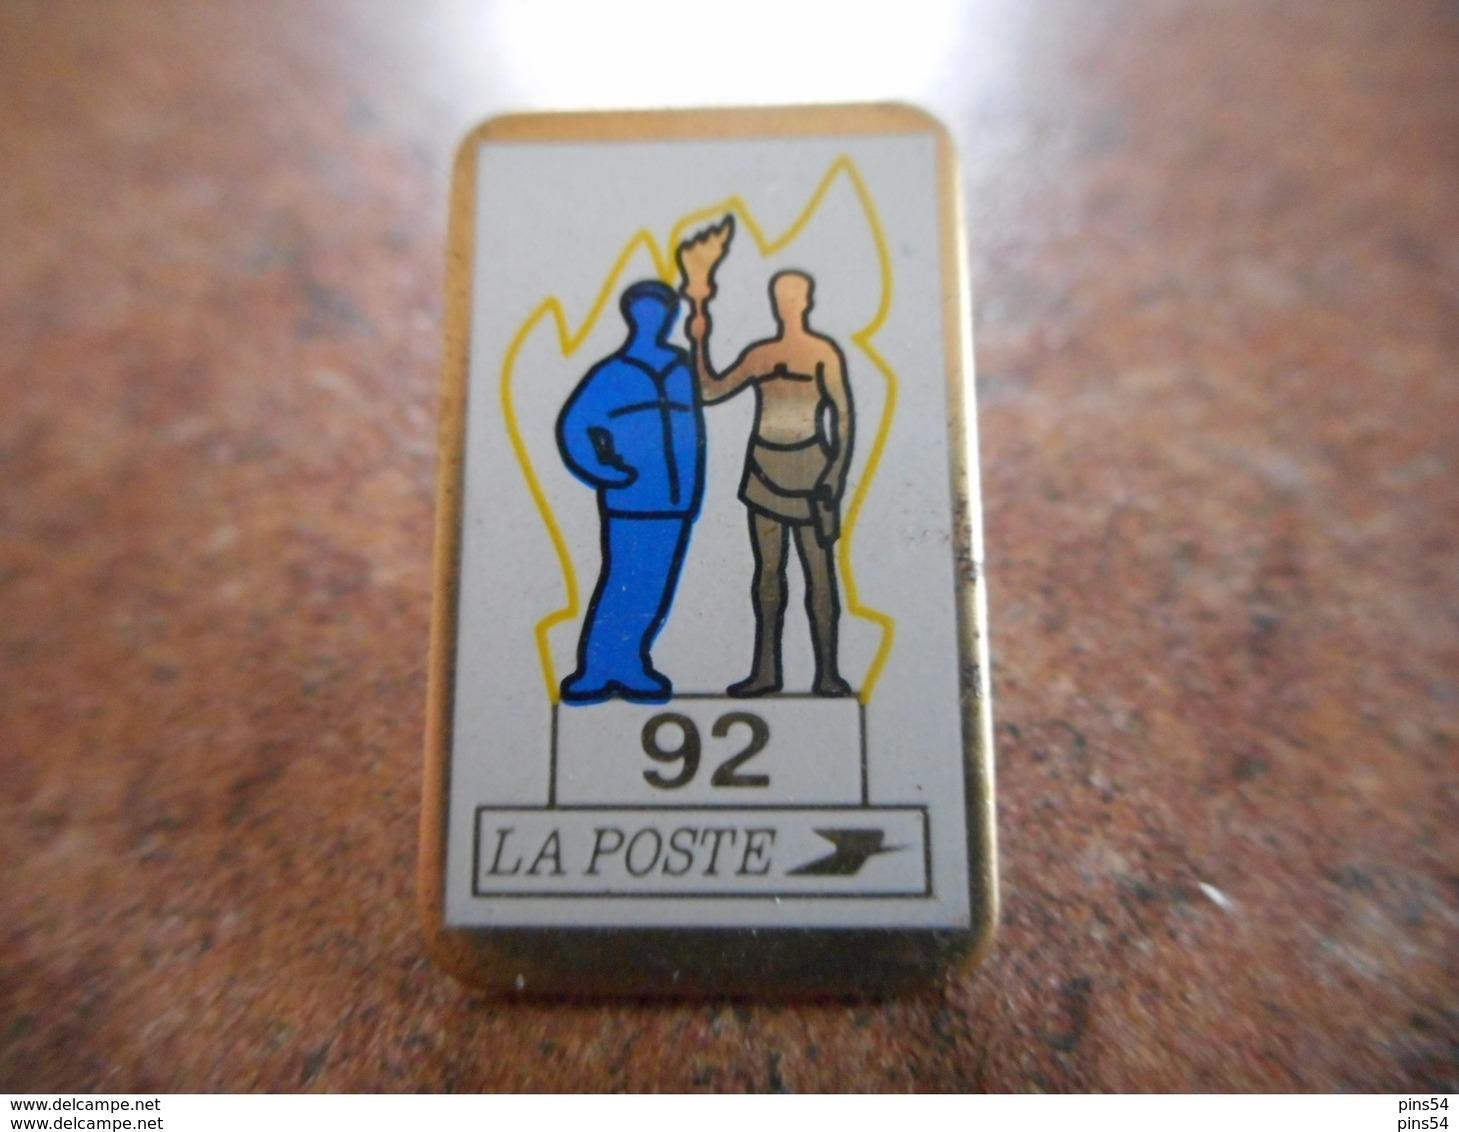 A021 -- Pin's La Poste 92 - Postwesen